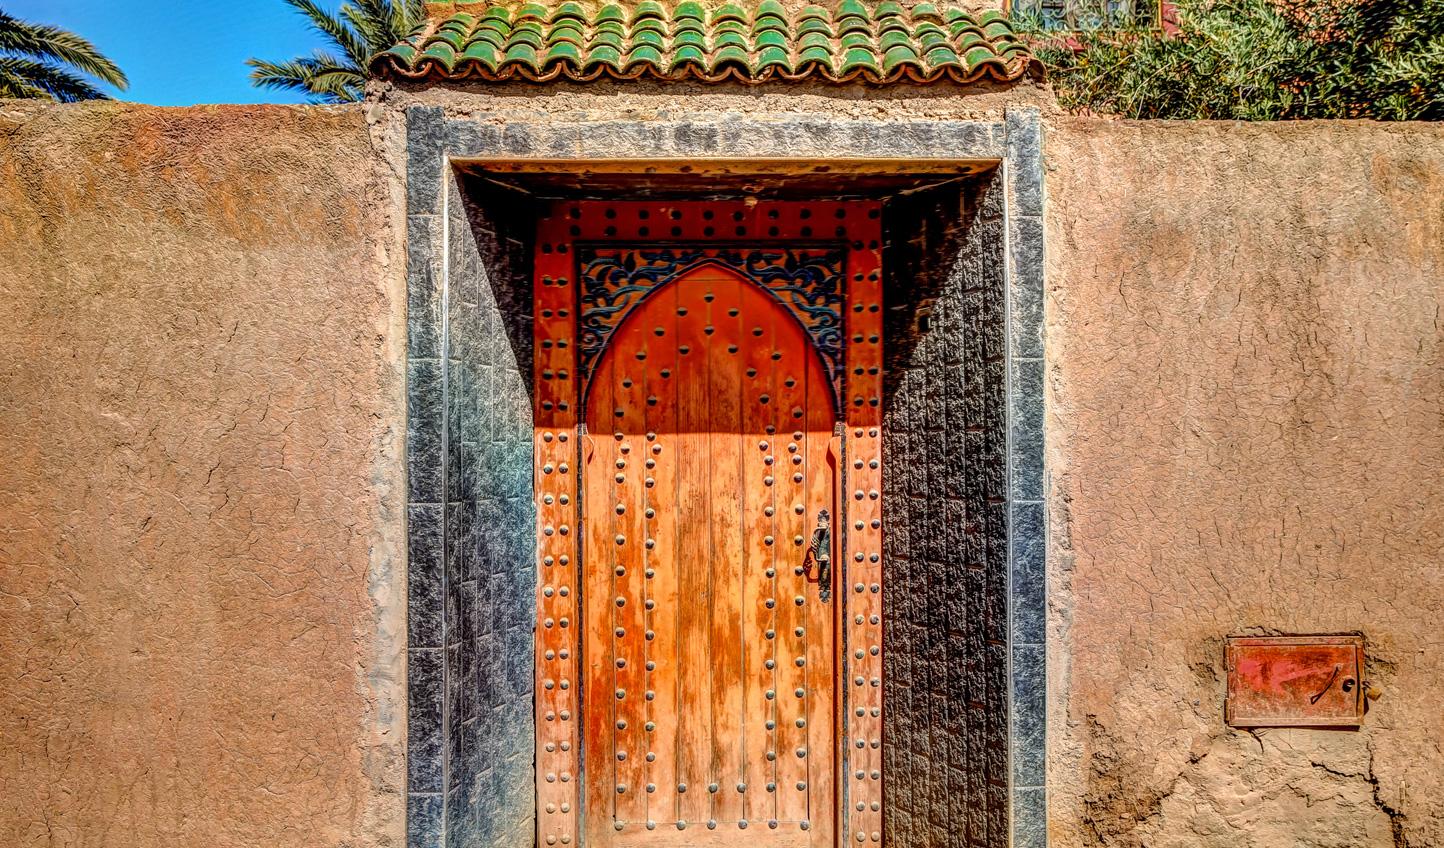 Explore the desert kasbahs of Skoura